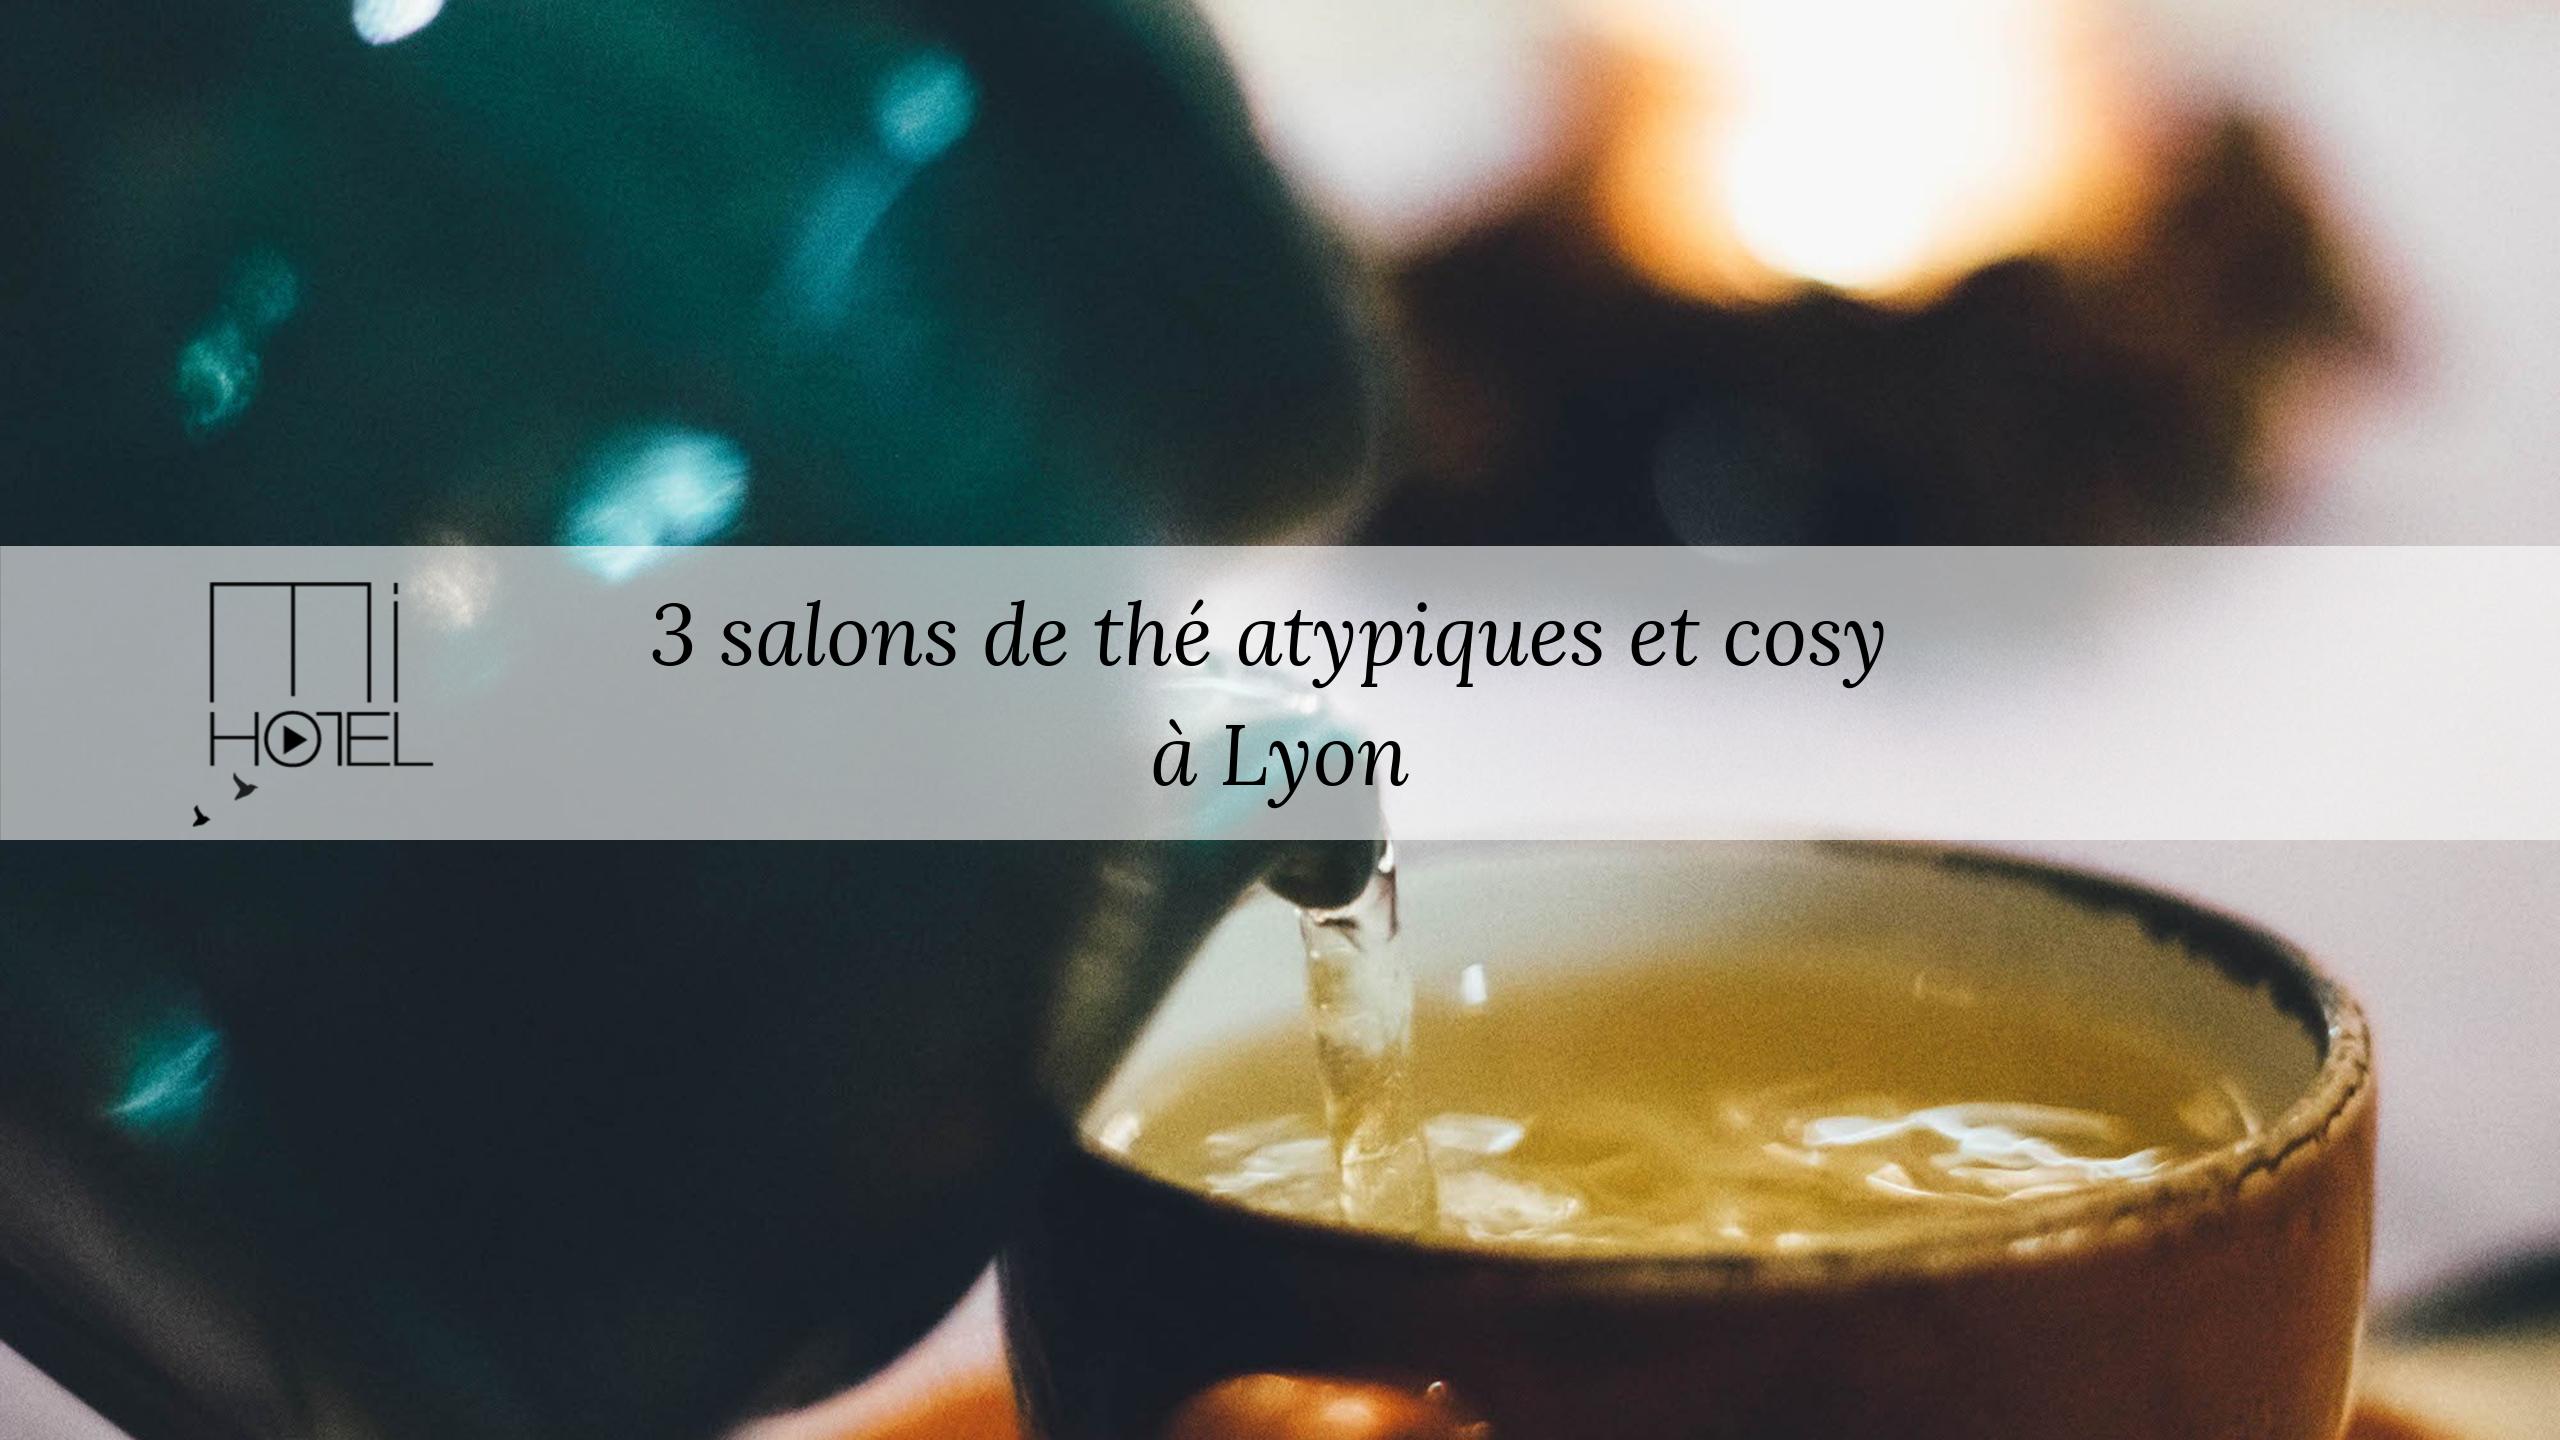 3 salons de thé atypiques et cosy à Lyon